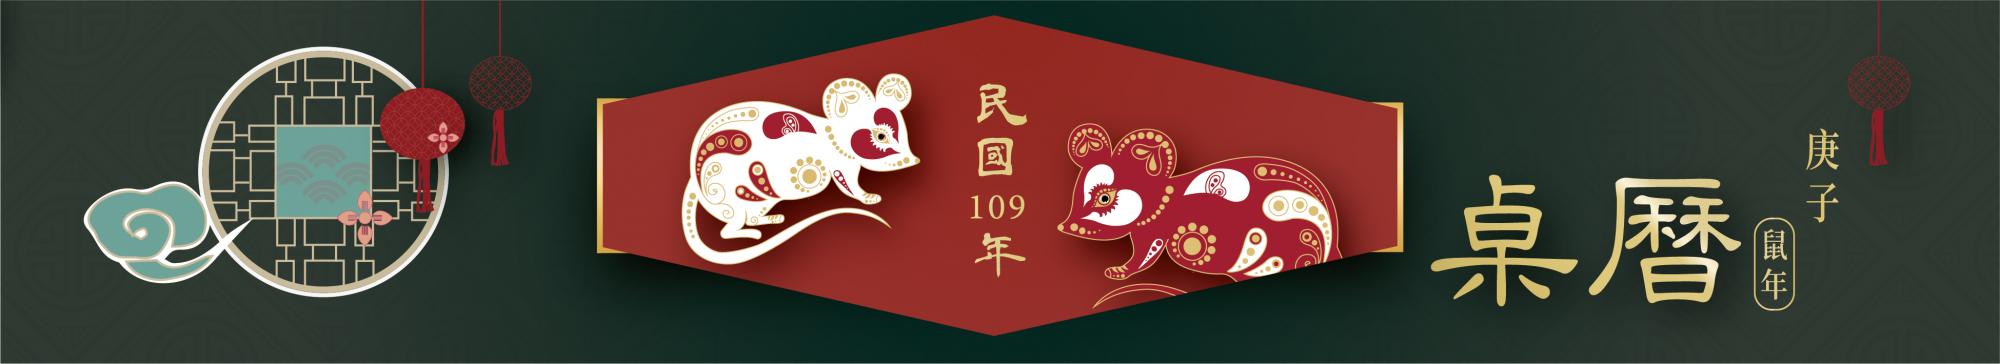 2020桌曆印刷製作